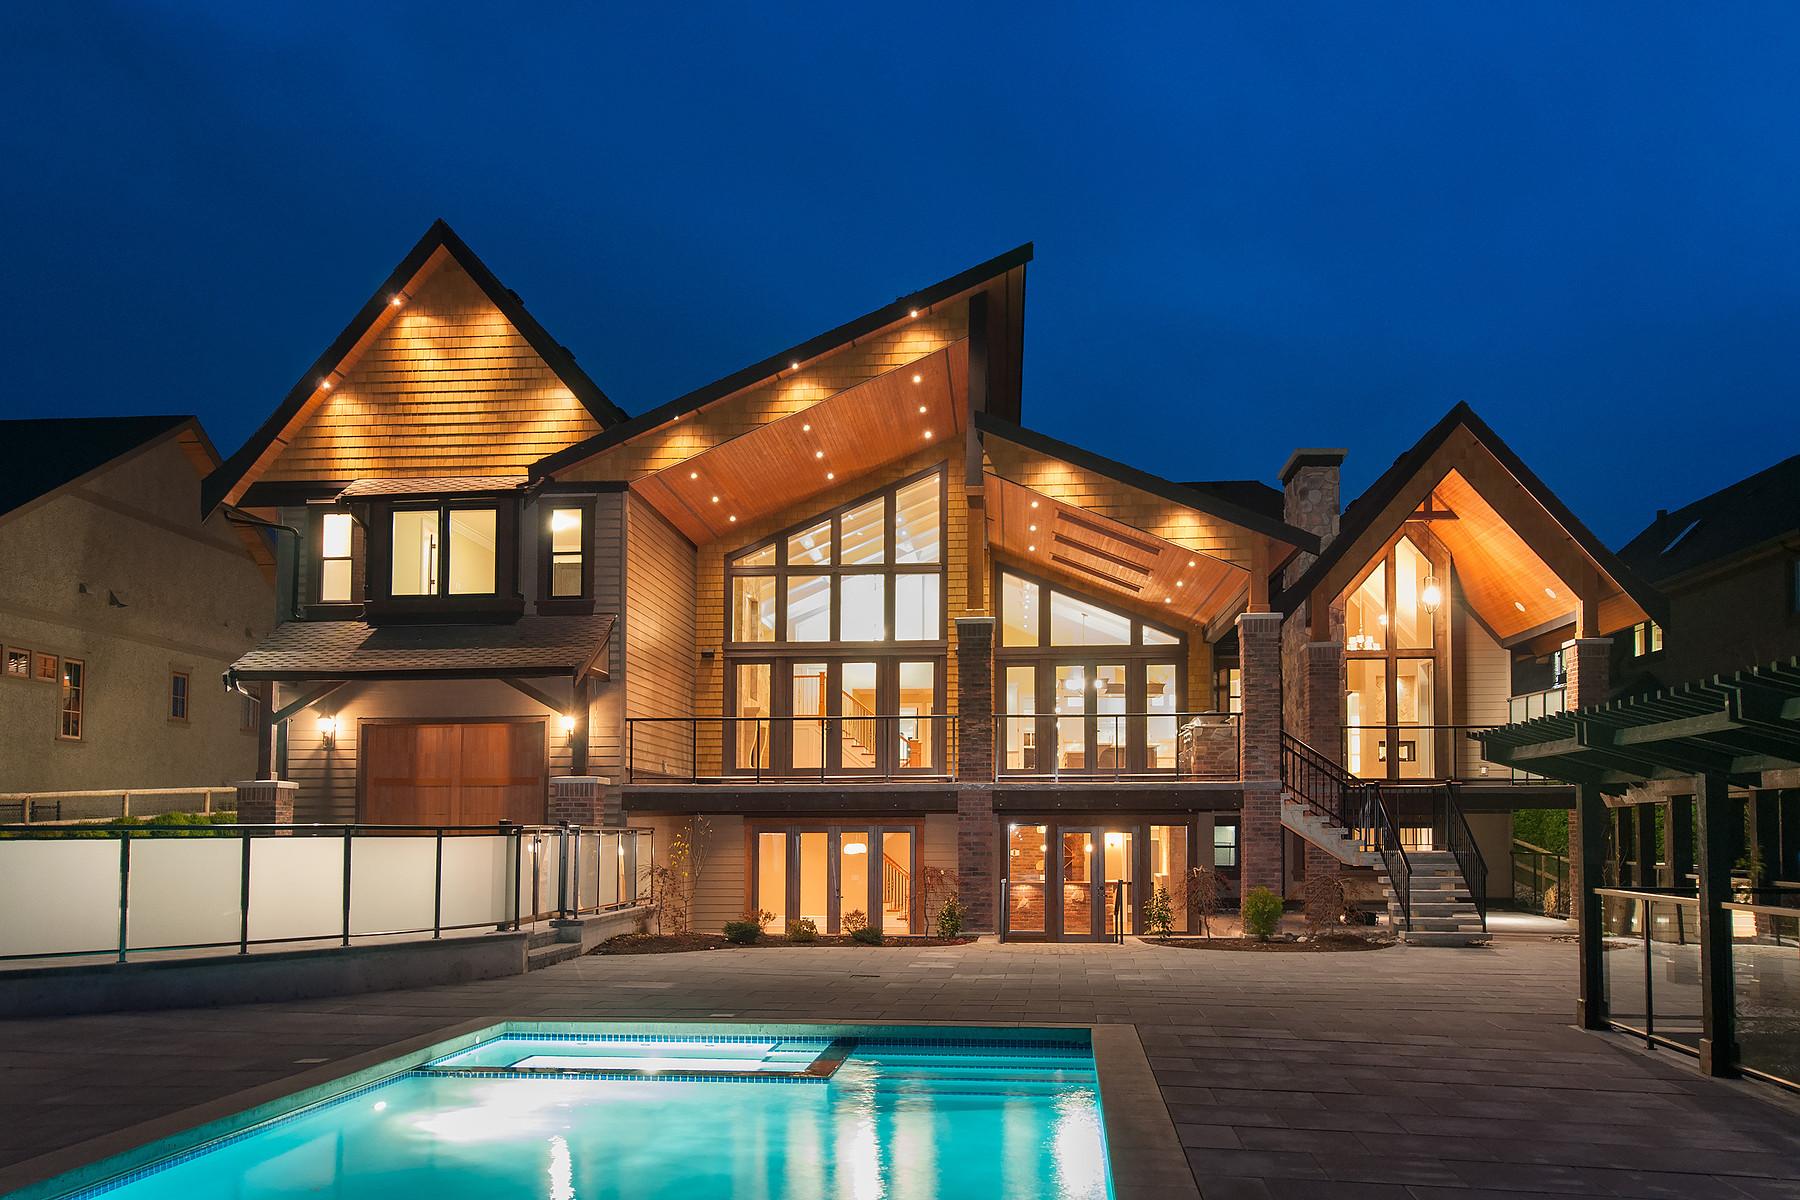 独户住宅 为 销售 在 Captivating Custom Home 20145 2nd Avenue Langley, 不列颠哥伦比亚省 V2Z 0A3 加拿大